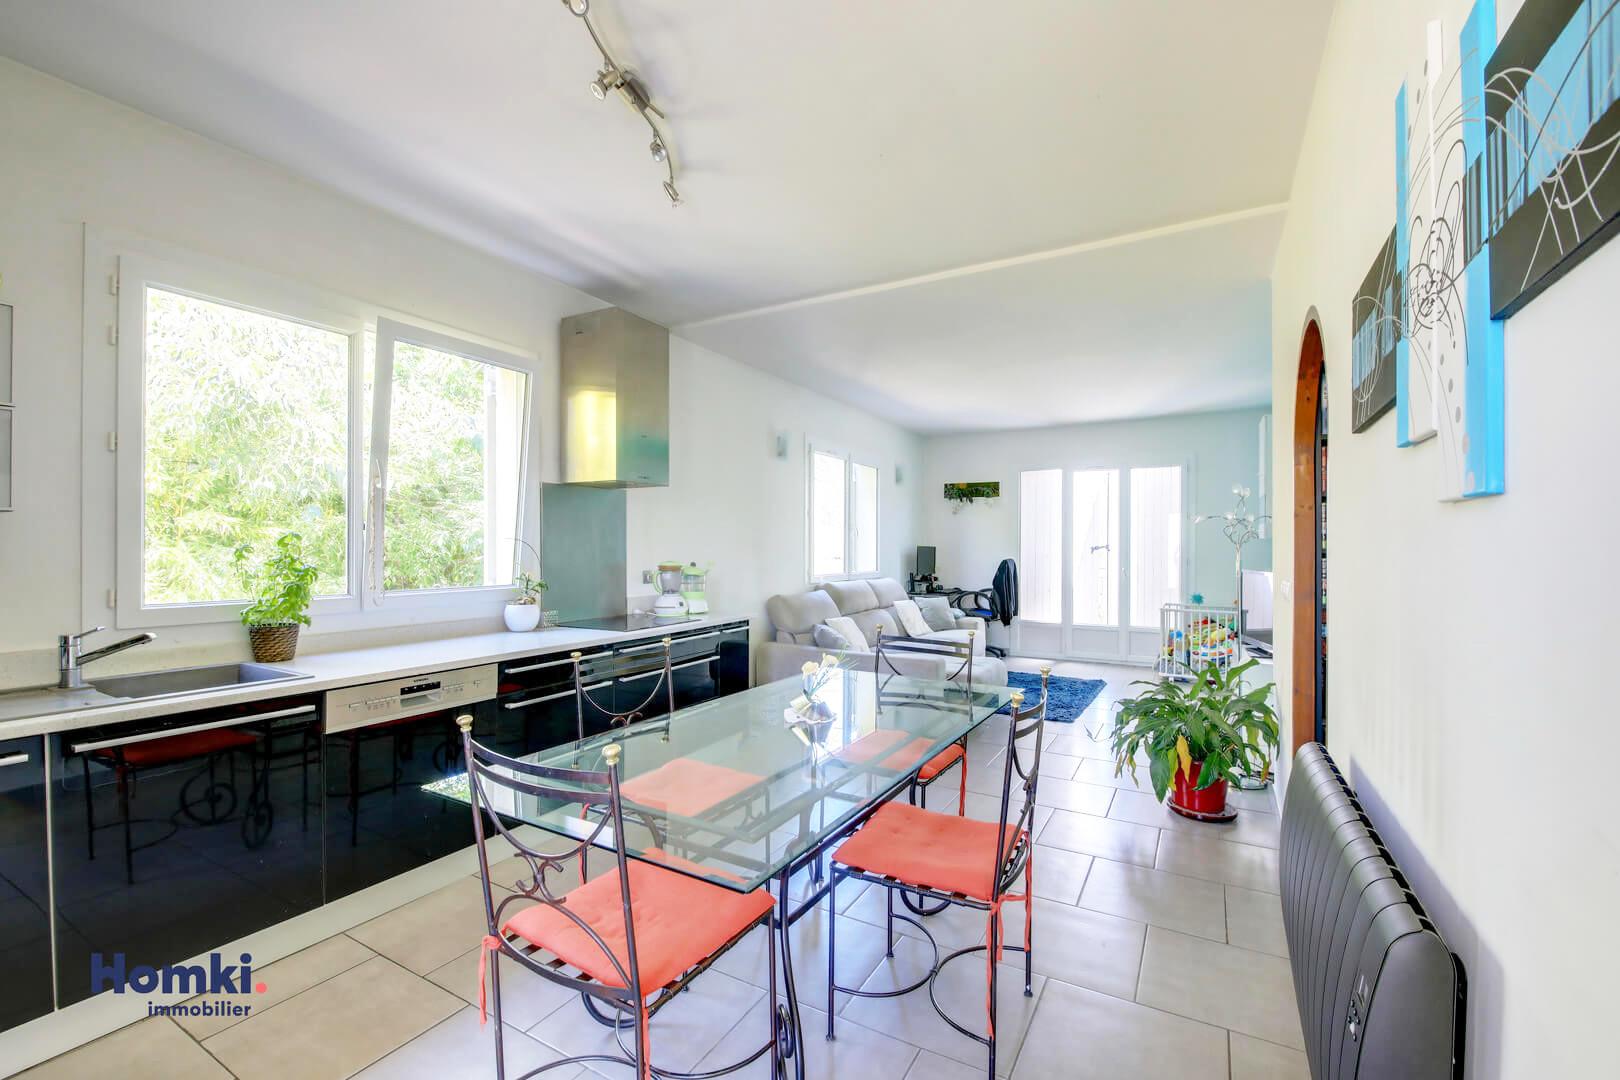 Vente Appartement 58 m² T3 13011_3